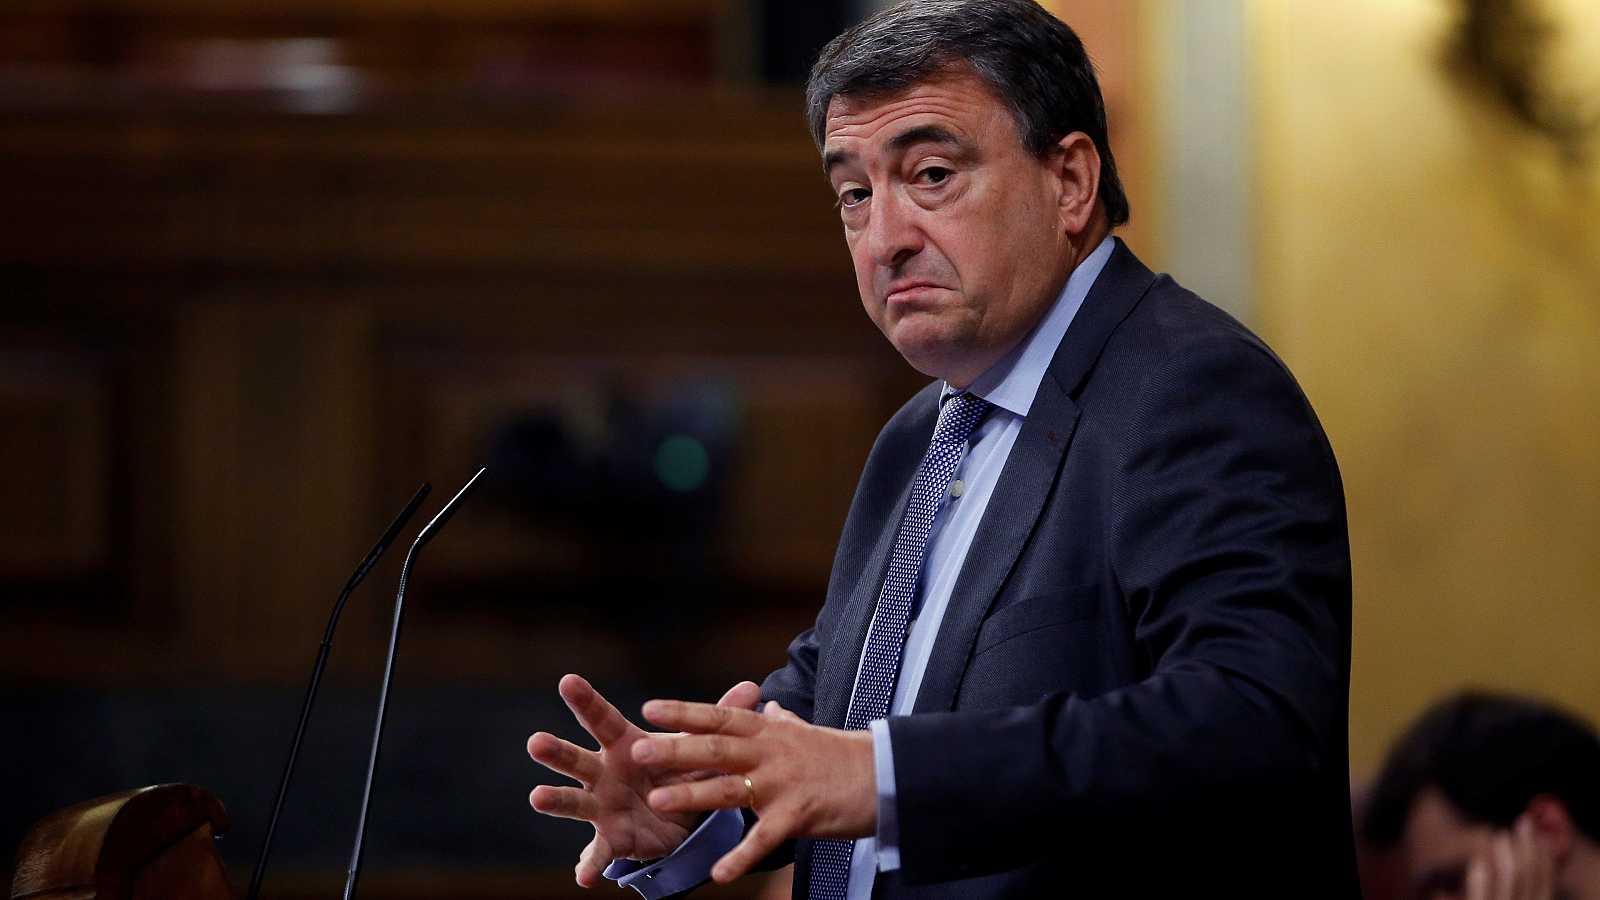 El PNV está abierto a acudir a la cita en la que el presidente del Gobierno, Pedro Sánchez, va a convocar a los partidos la semana que viene para empezar a trabajar en una especie de reedición de los Pactos de la Moncloa para afrontar la crisis que v